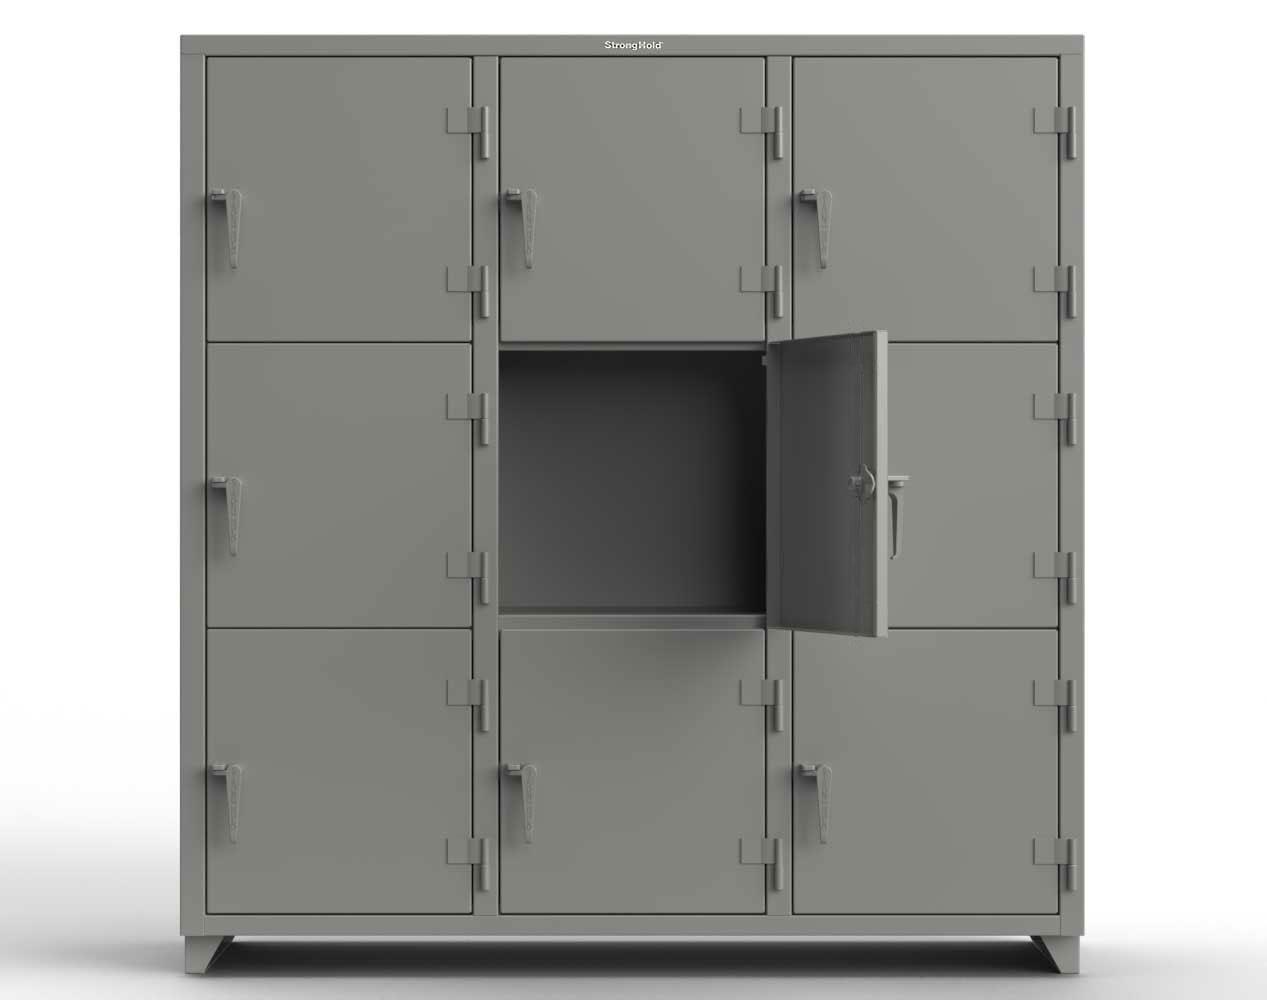 Extra Heavy Duty 14 GA Triple-Tier Locker, 9 Compartments – 72 in. W x 24 in. D x 75 in. H